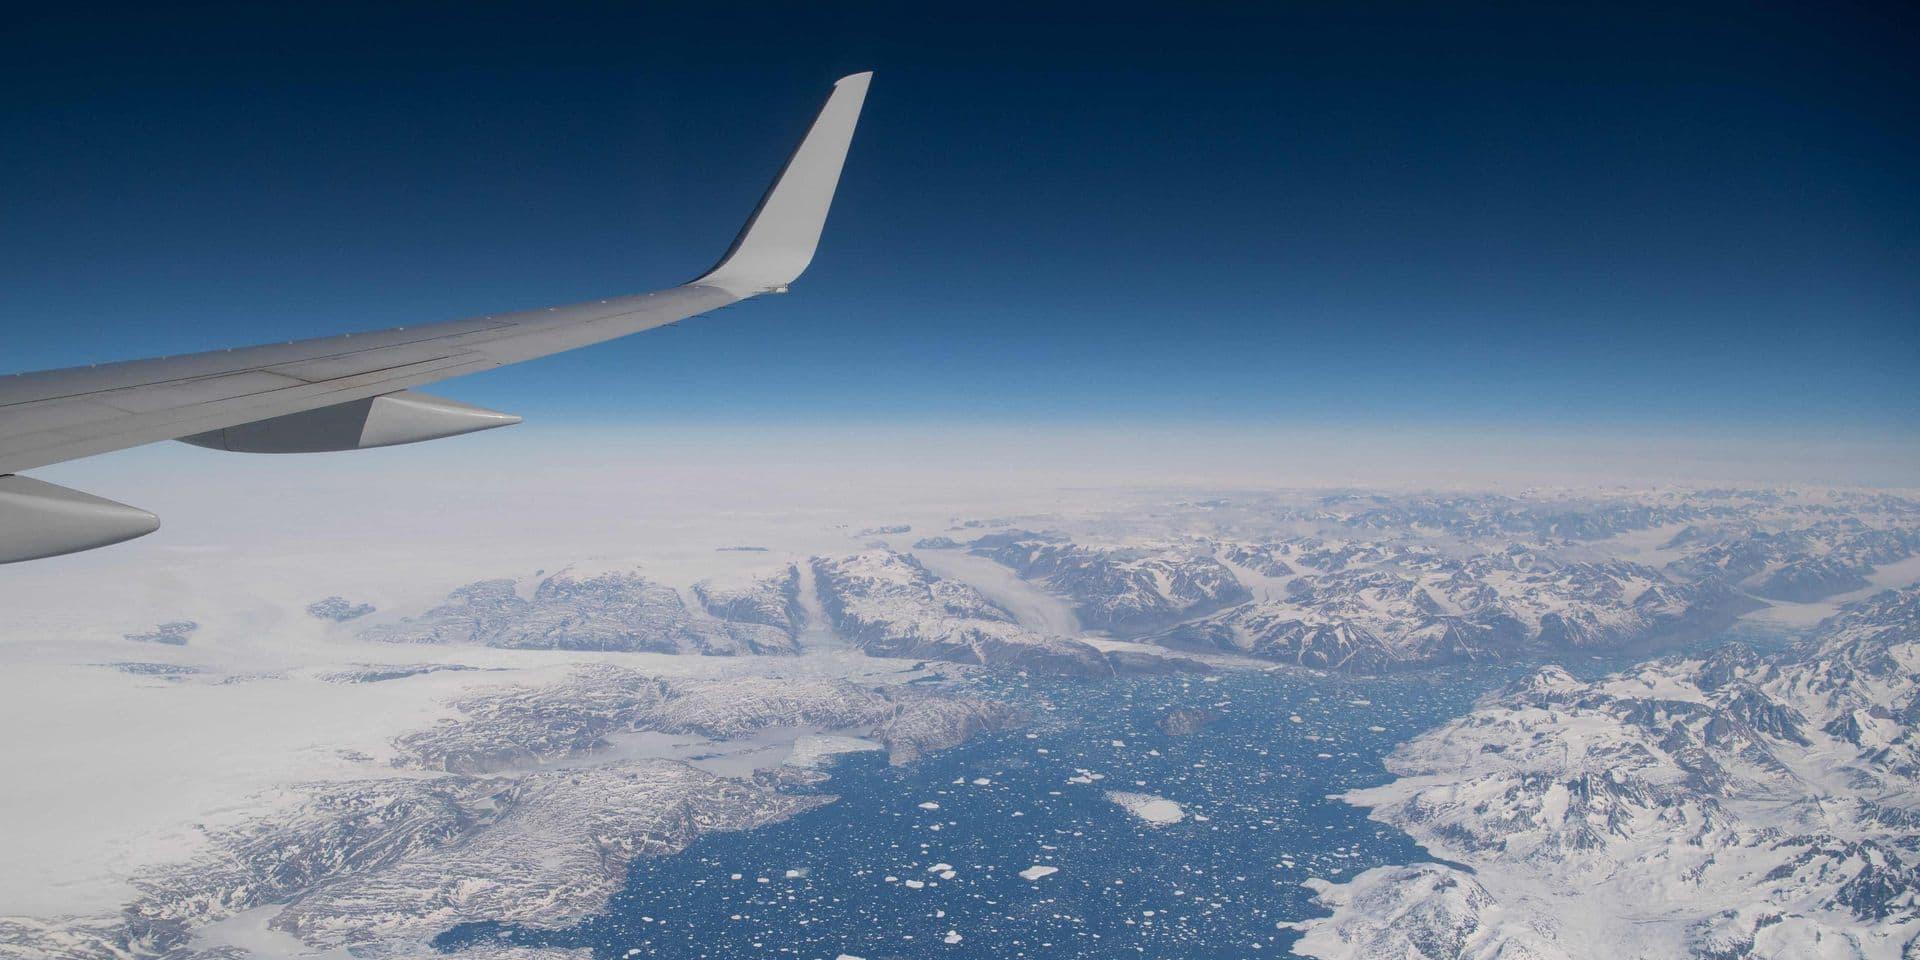 Les compagnies aériennes européennes, véritables freins à une politique climatique ambitieuse